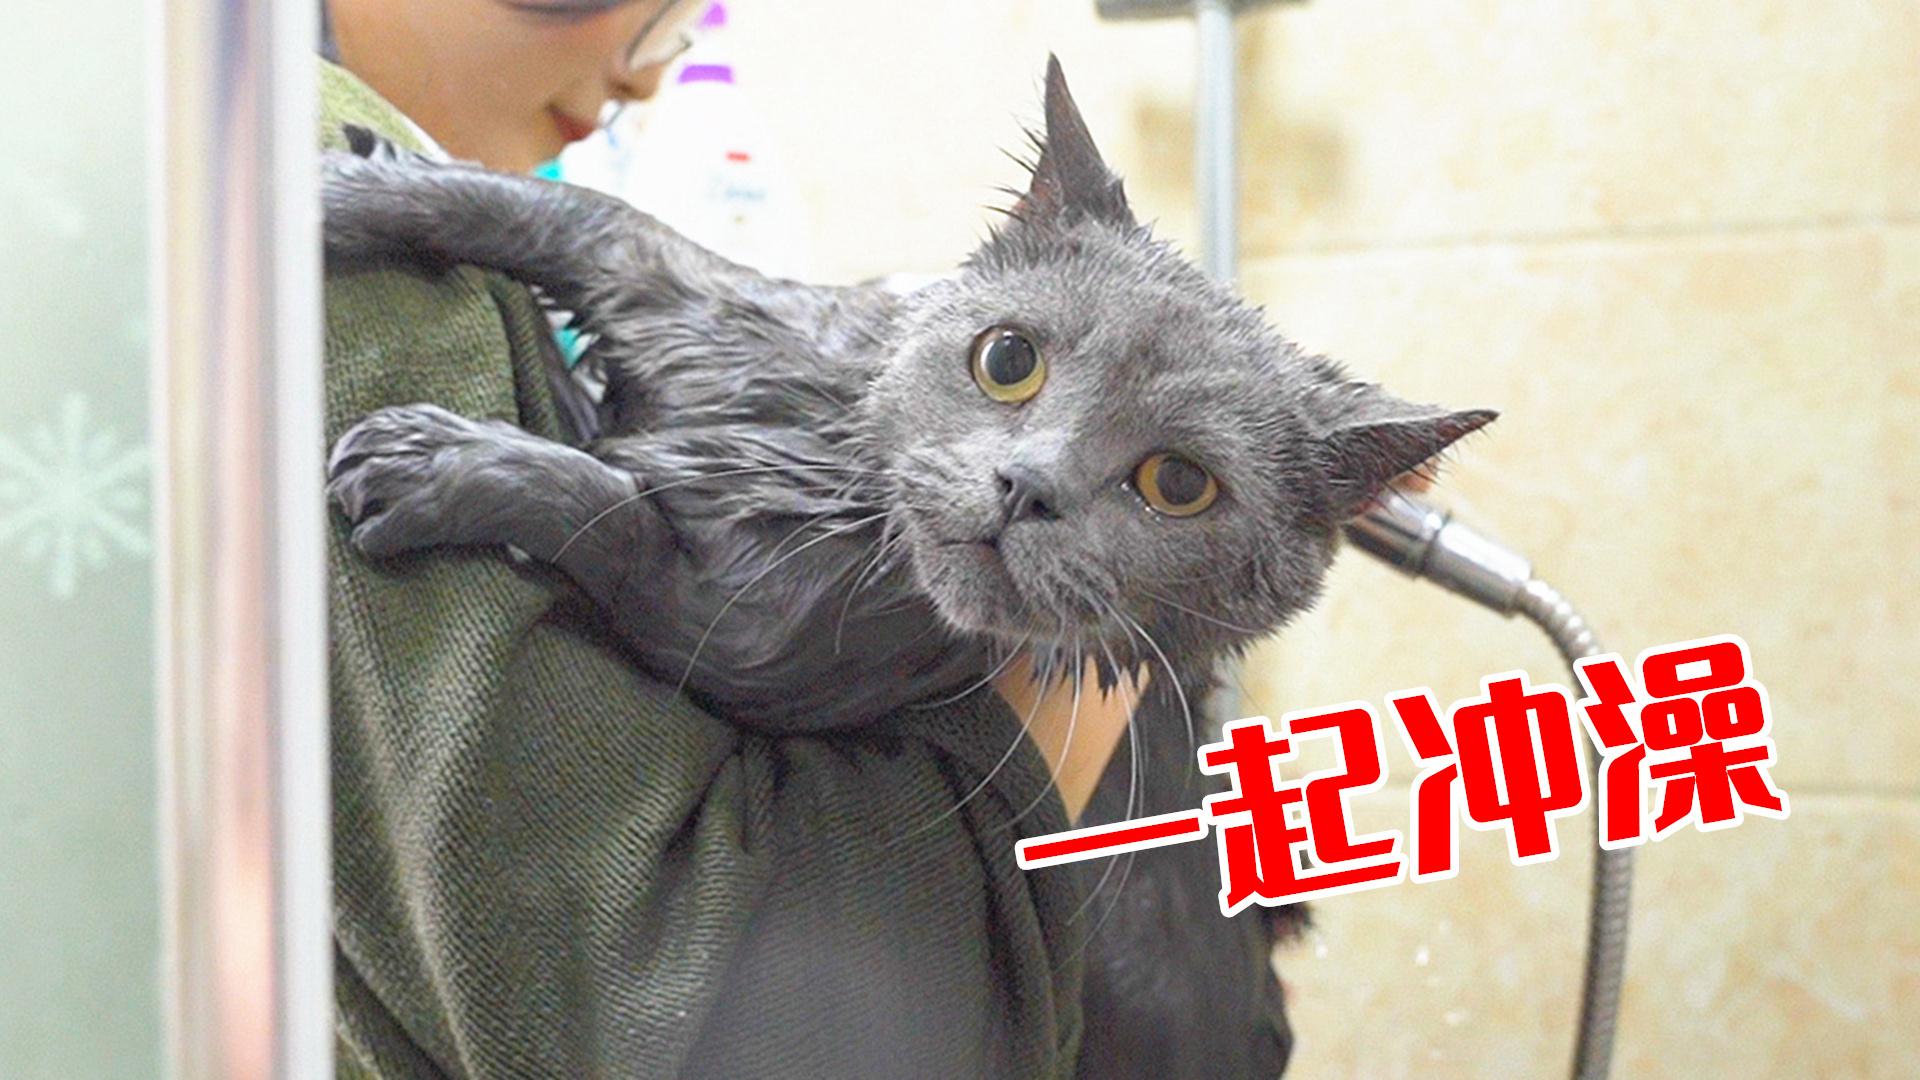 猫咪一年没洗澡,极力反抗,气的主人直接和它一起冲澡!